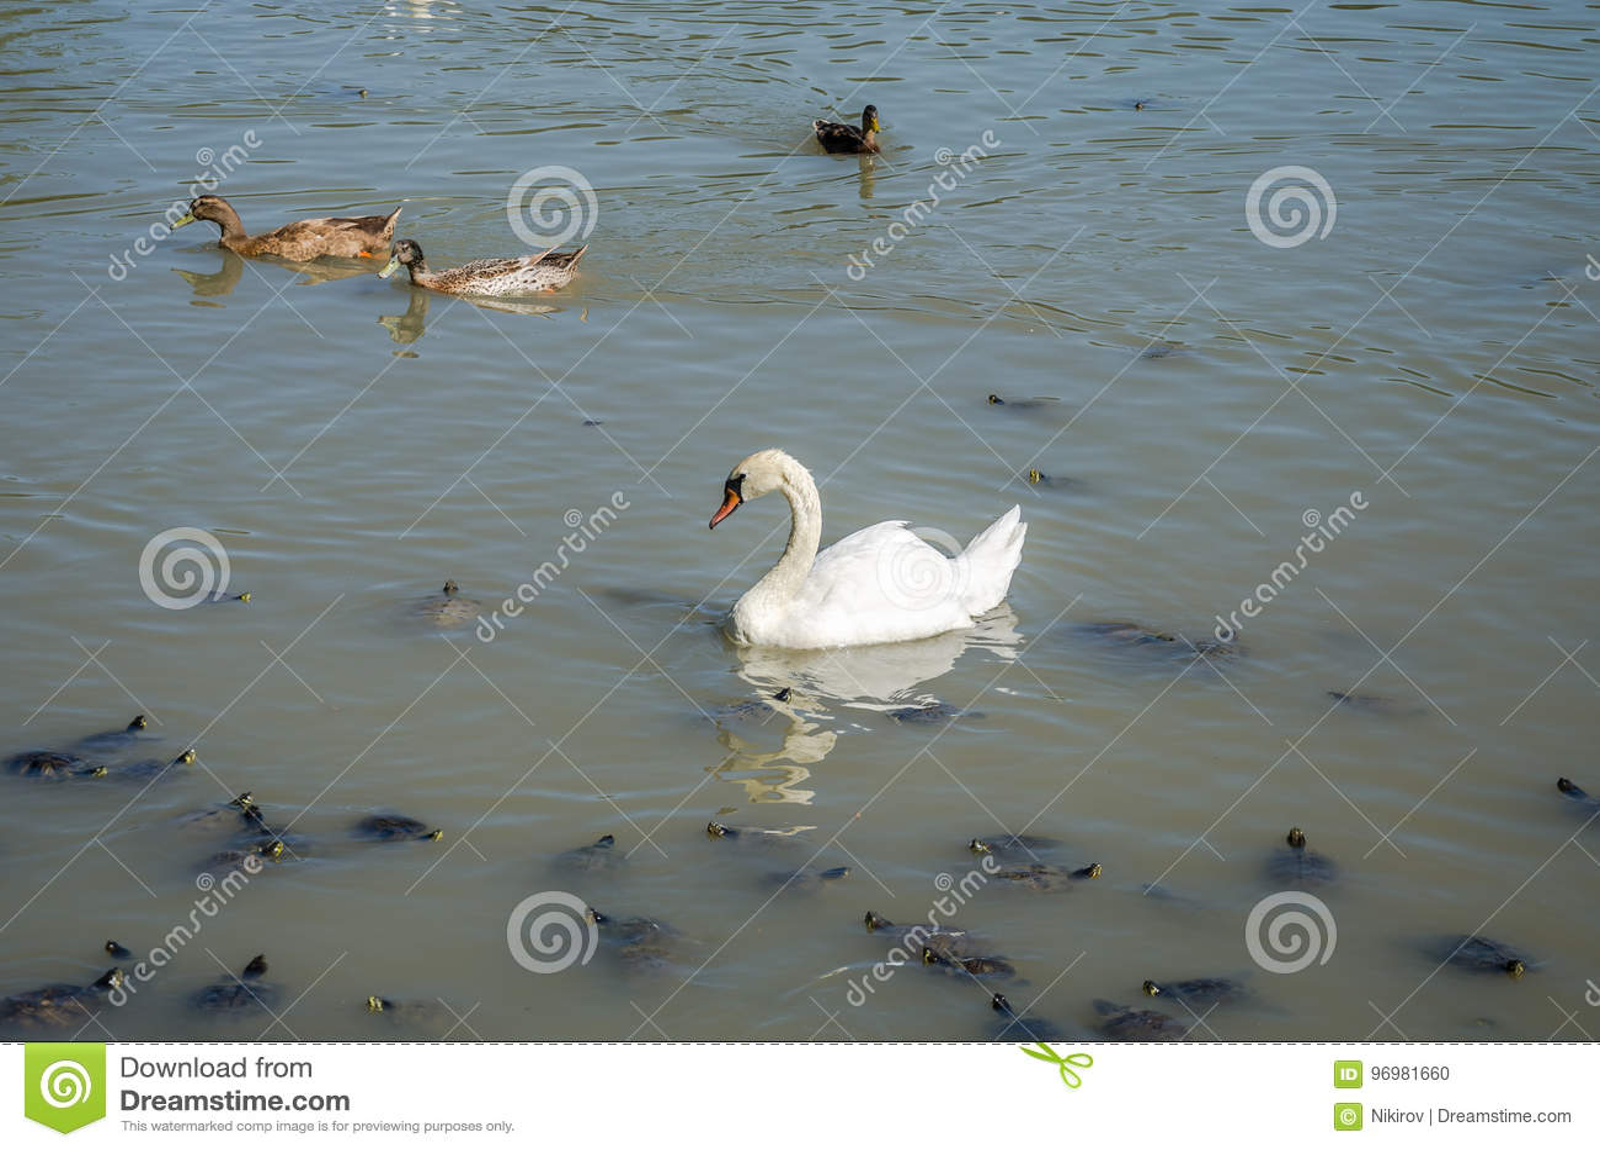 Η λίμνη στην οποία ο κύκνος, οι χελώνες και οι πάπιες κολυμπούν σε μια φωτεινή ηλιόλουστη ημέρα στη βίλα Pamphili στη Ρώμη, Ιταλί